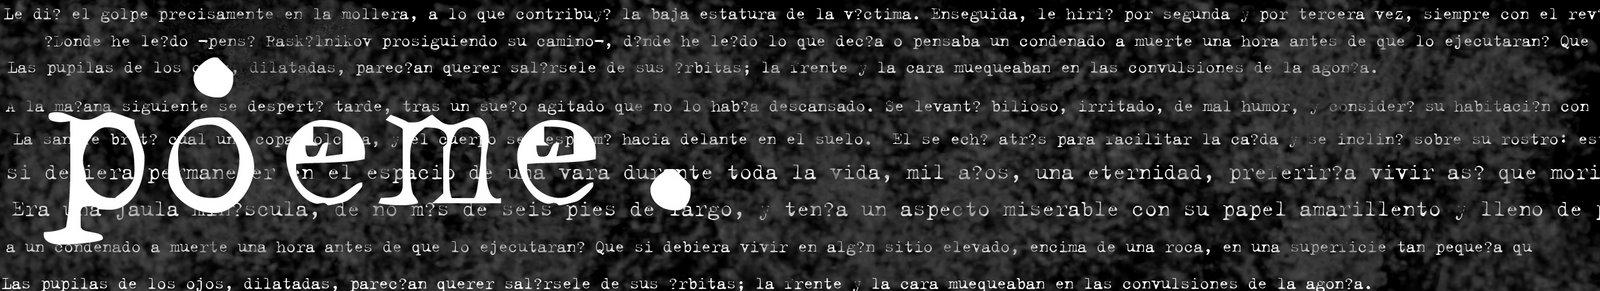 *** (poeme) ***